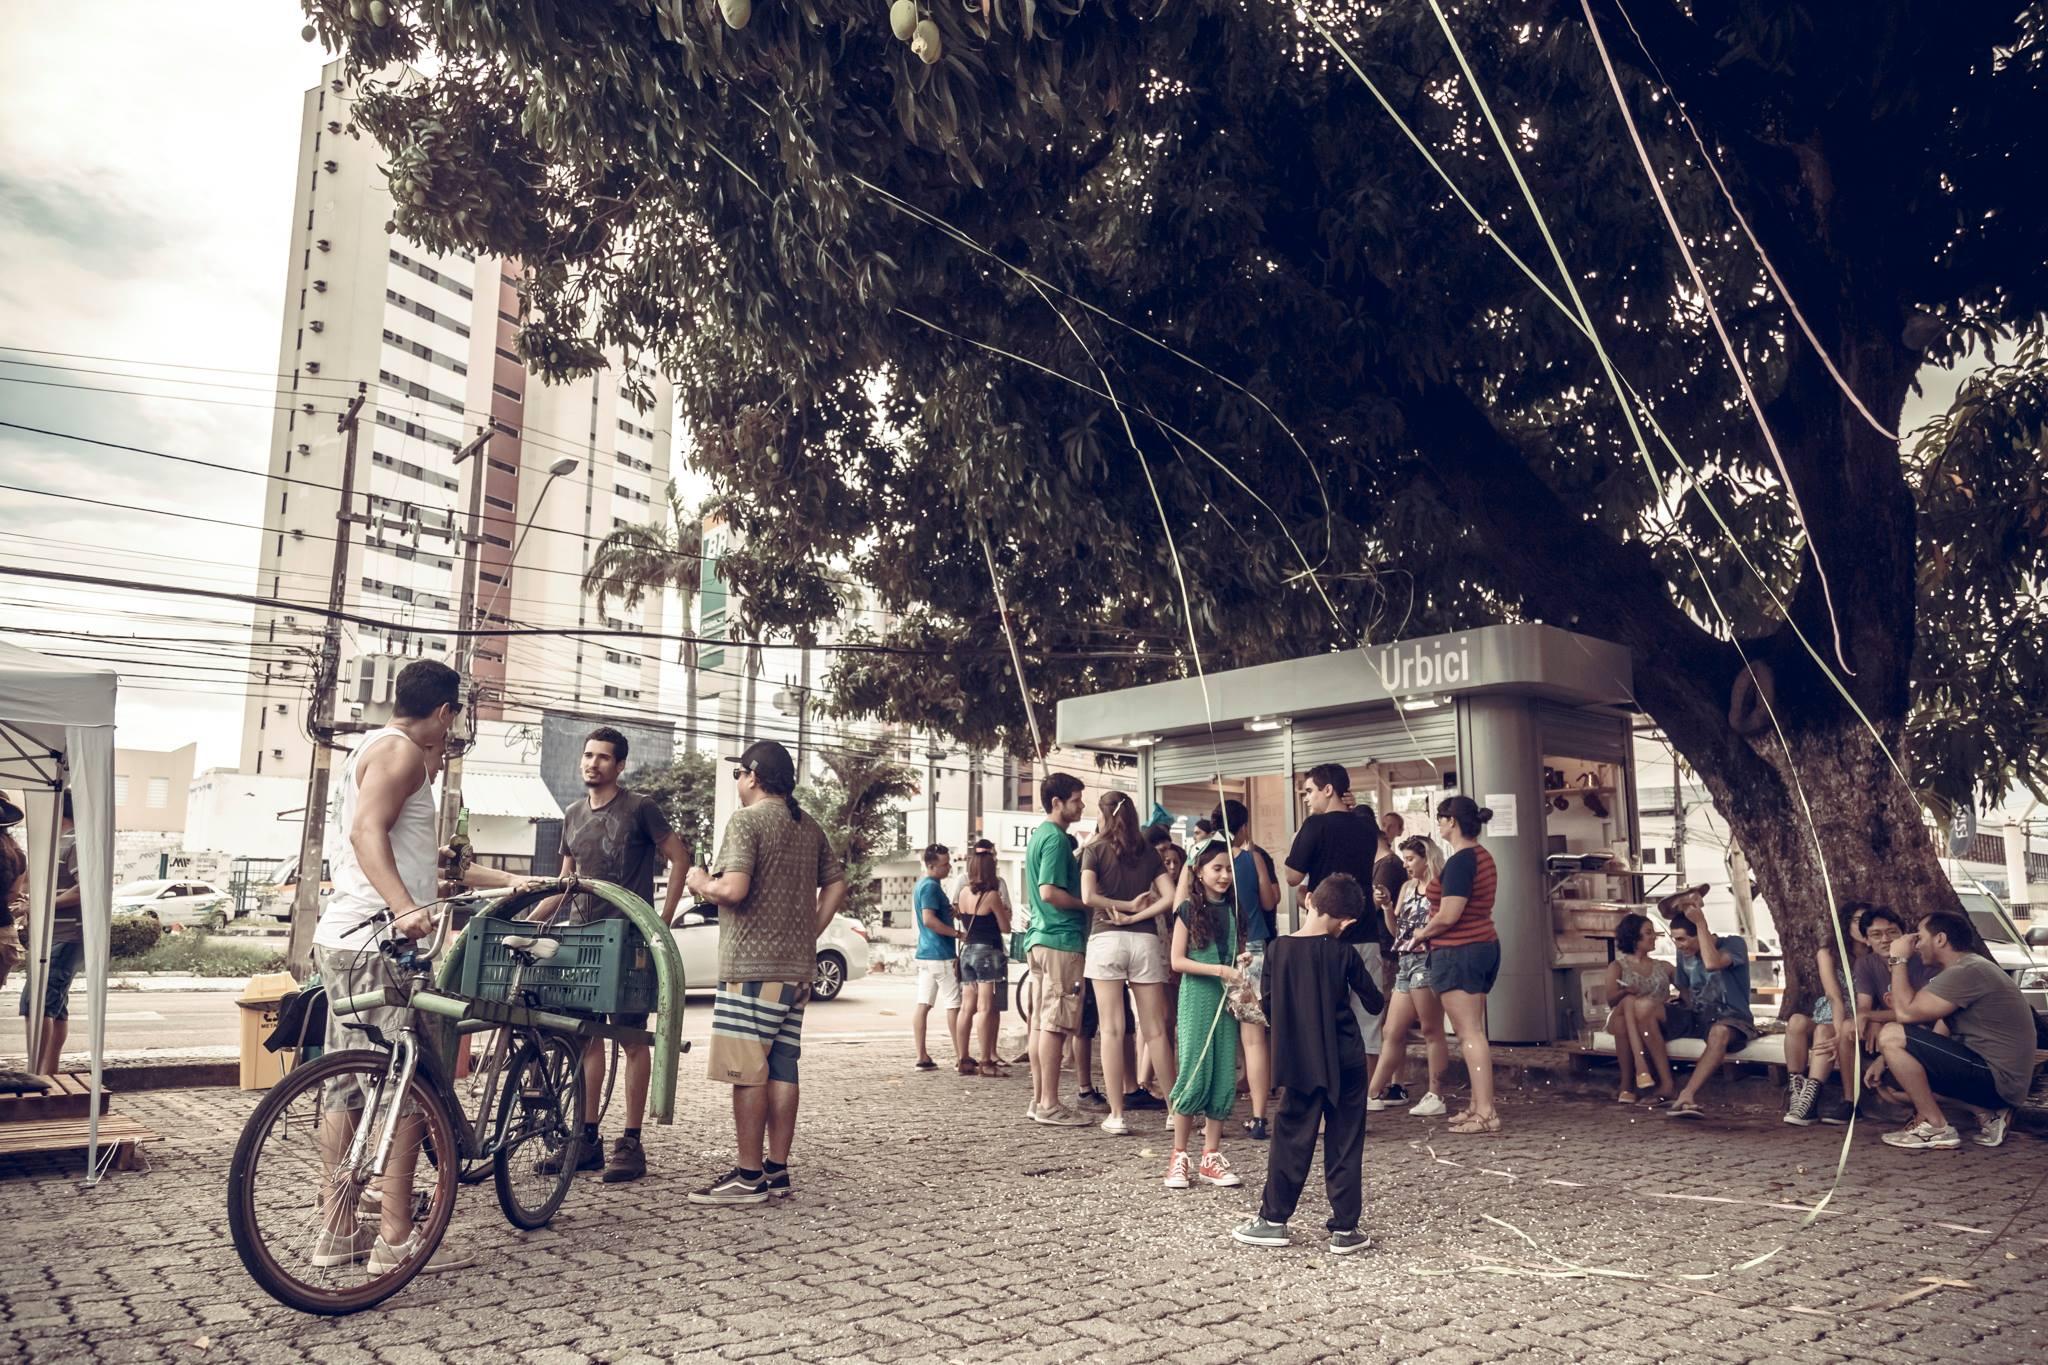 Urbici reúne amantes do ciclismo e do café em um único lugar (FOTO: Nicolas Leiva)